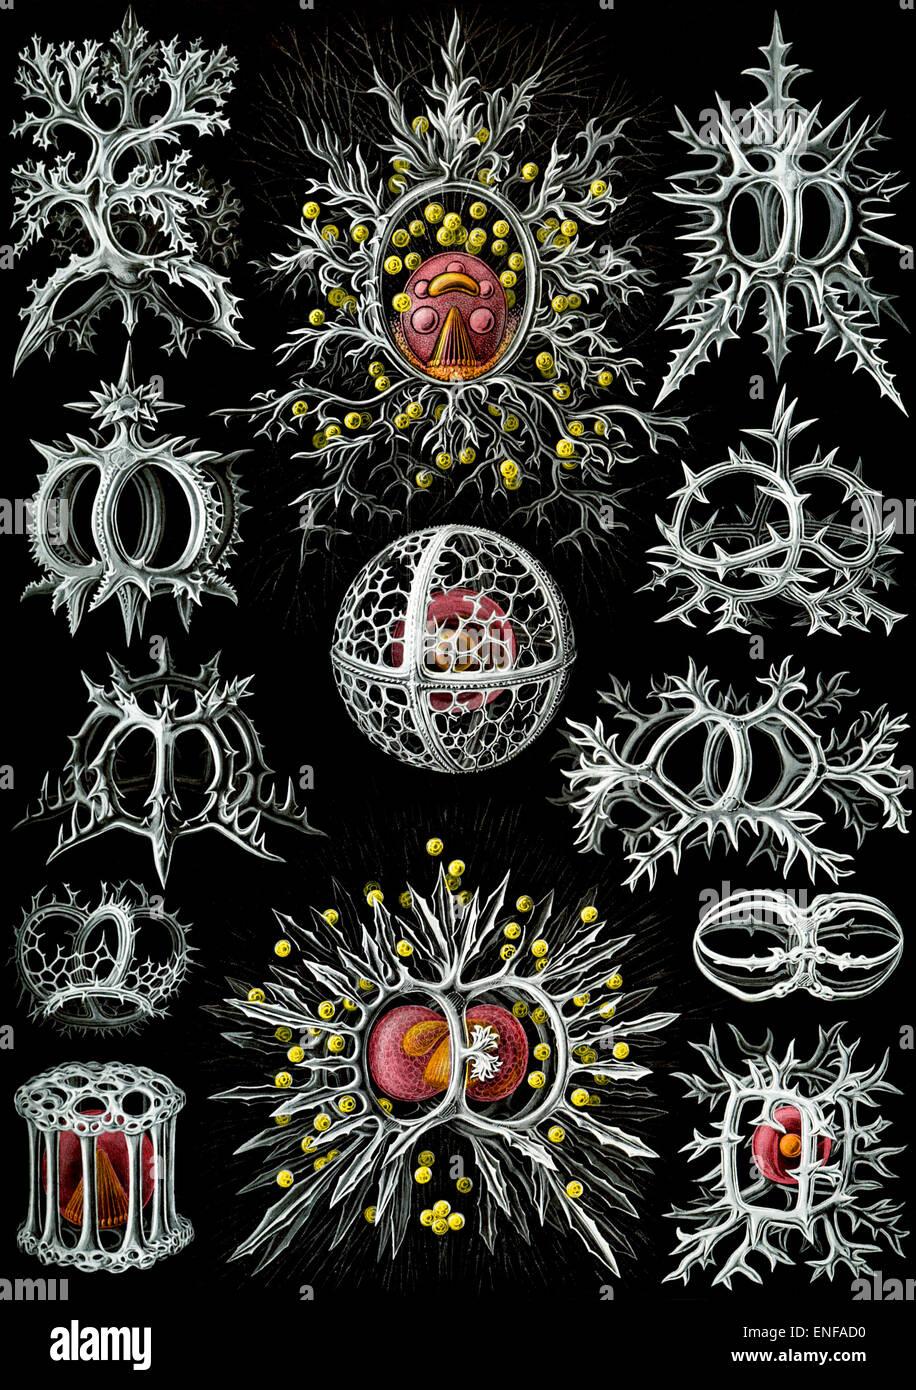 Stephoidea (lo zooplancton), da Ernst Haeckel, 1904 - solo uso editoriale. Immagini Stock